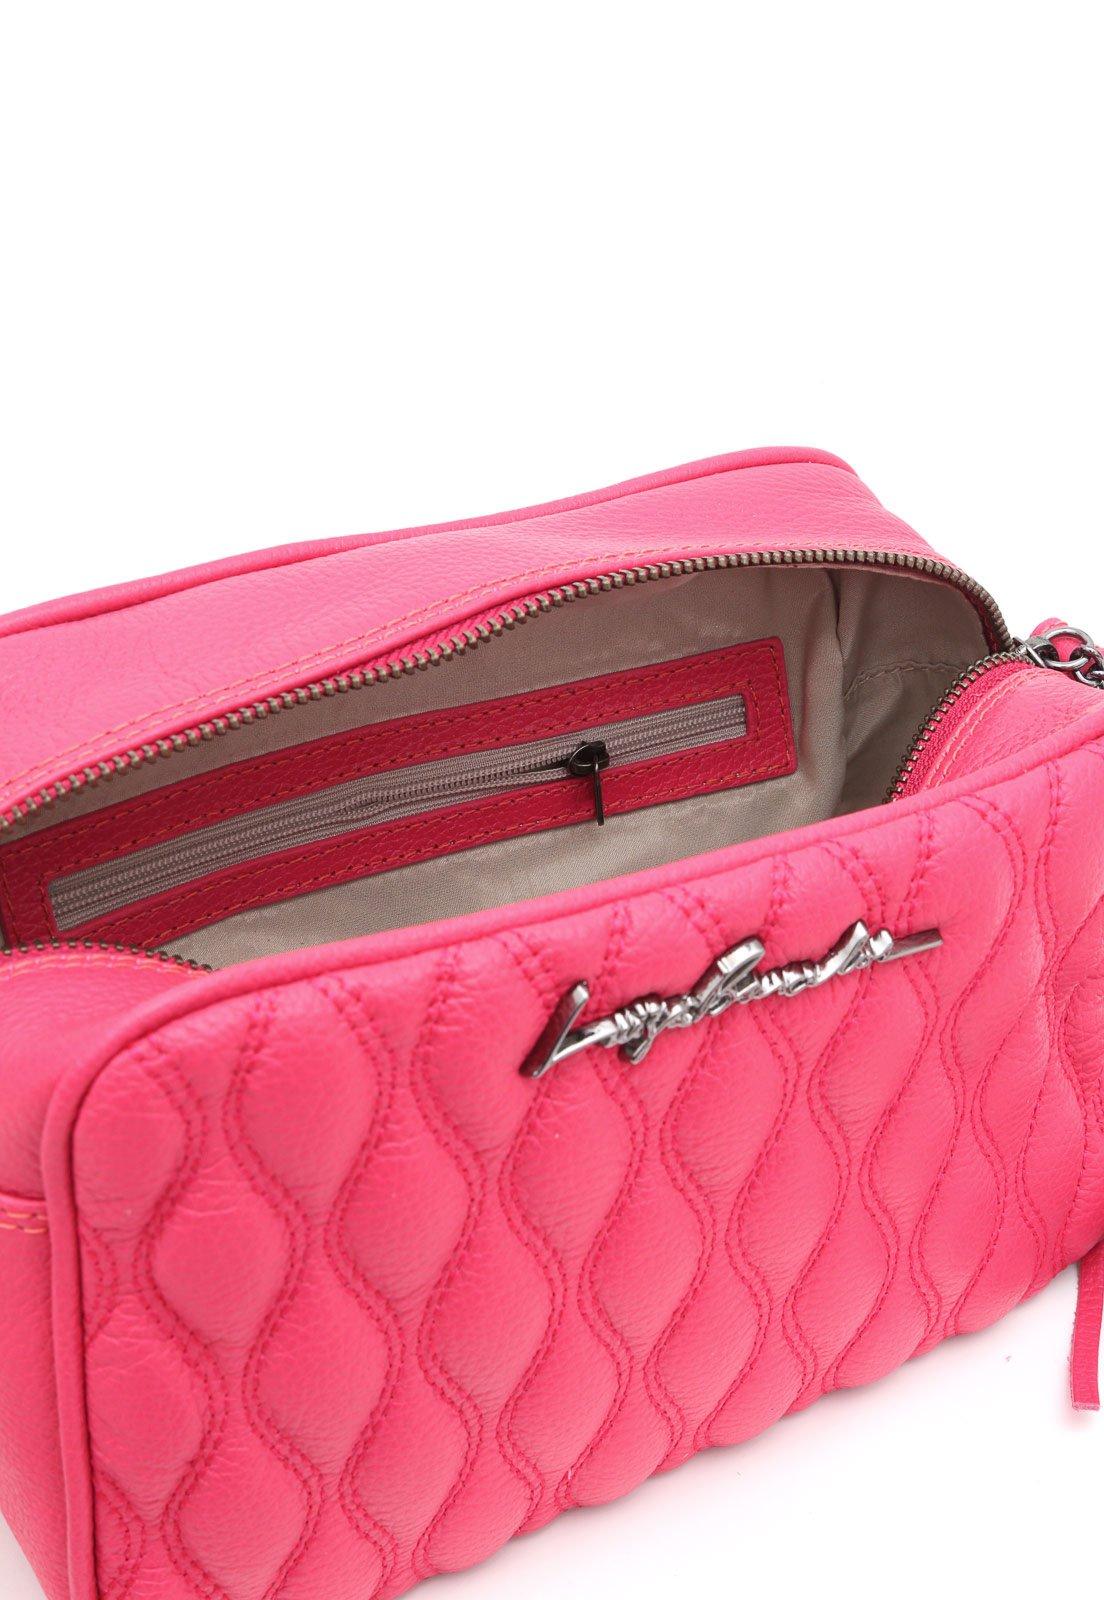 Bolsa Couro Luiza Barcelos Matelassê Pink - Compre Agora